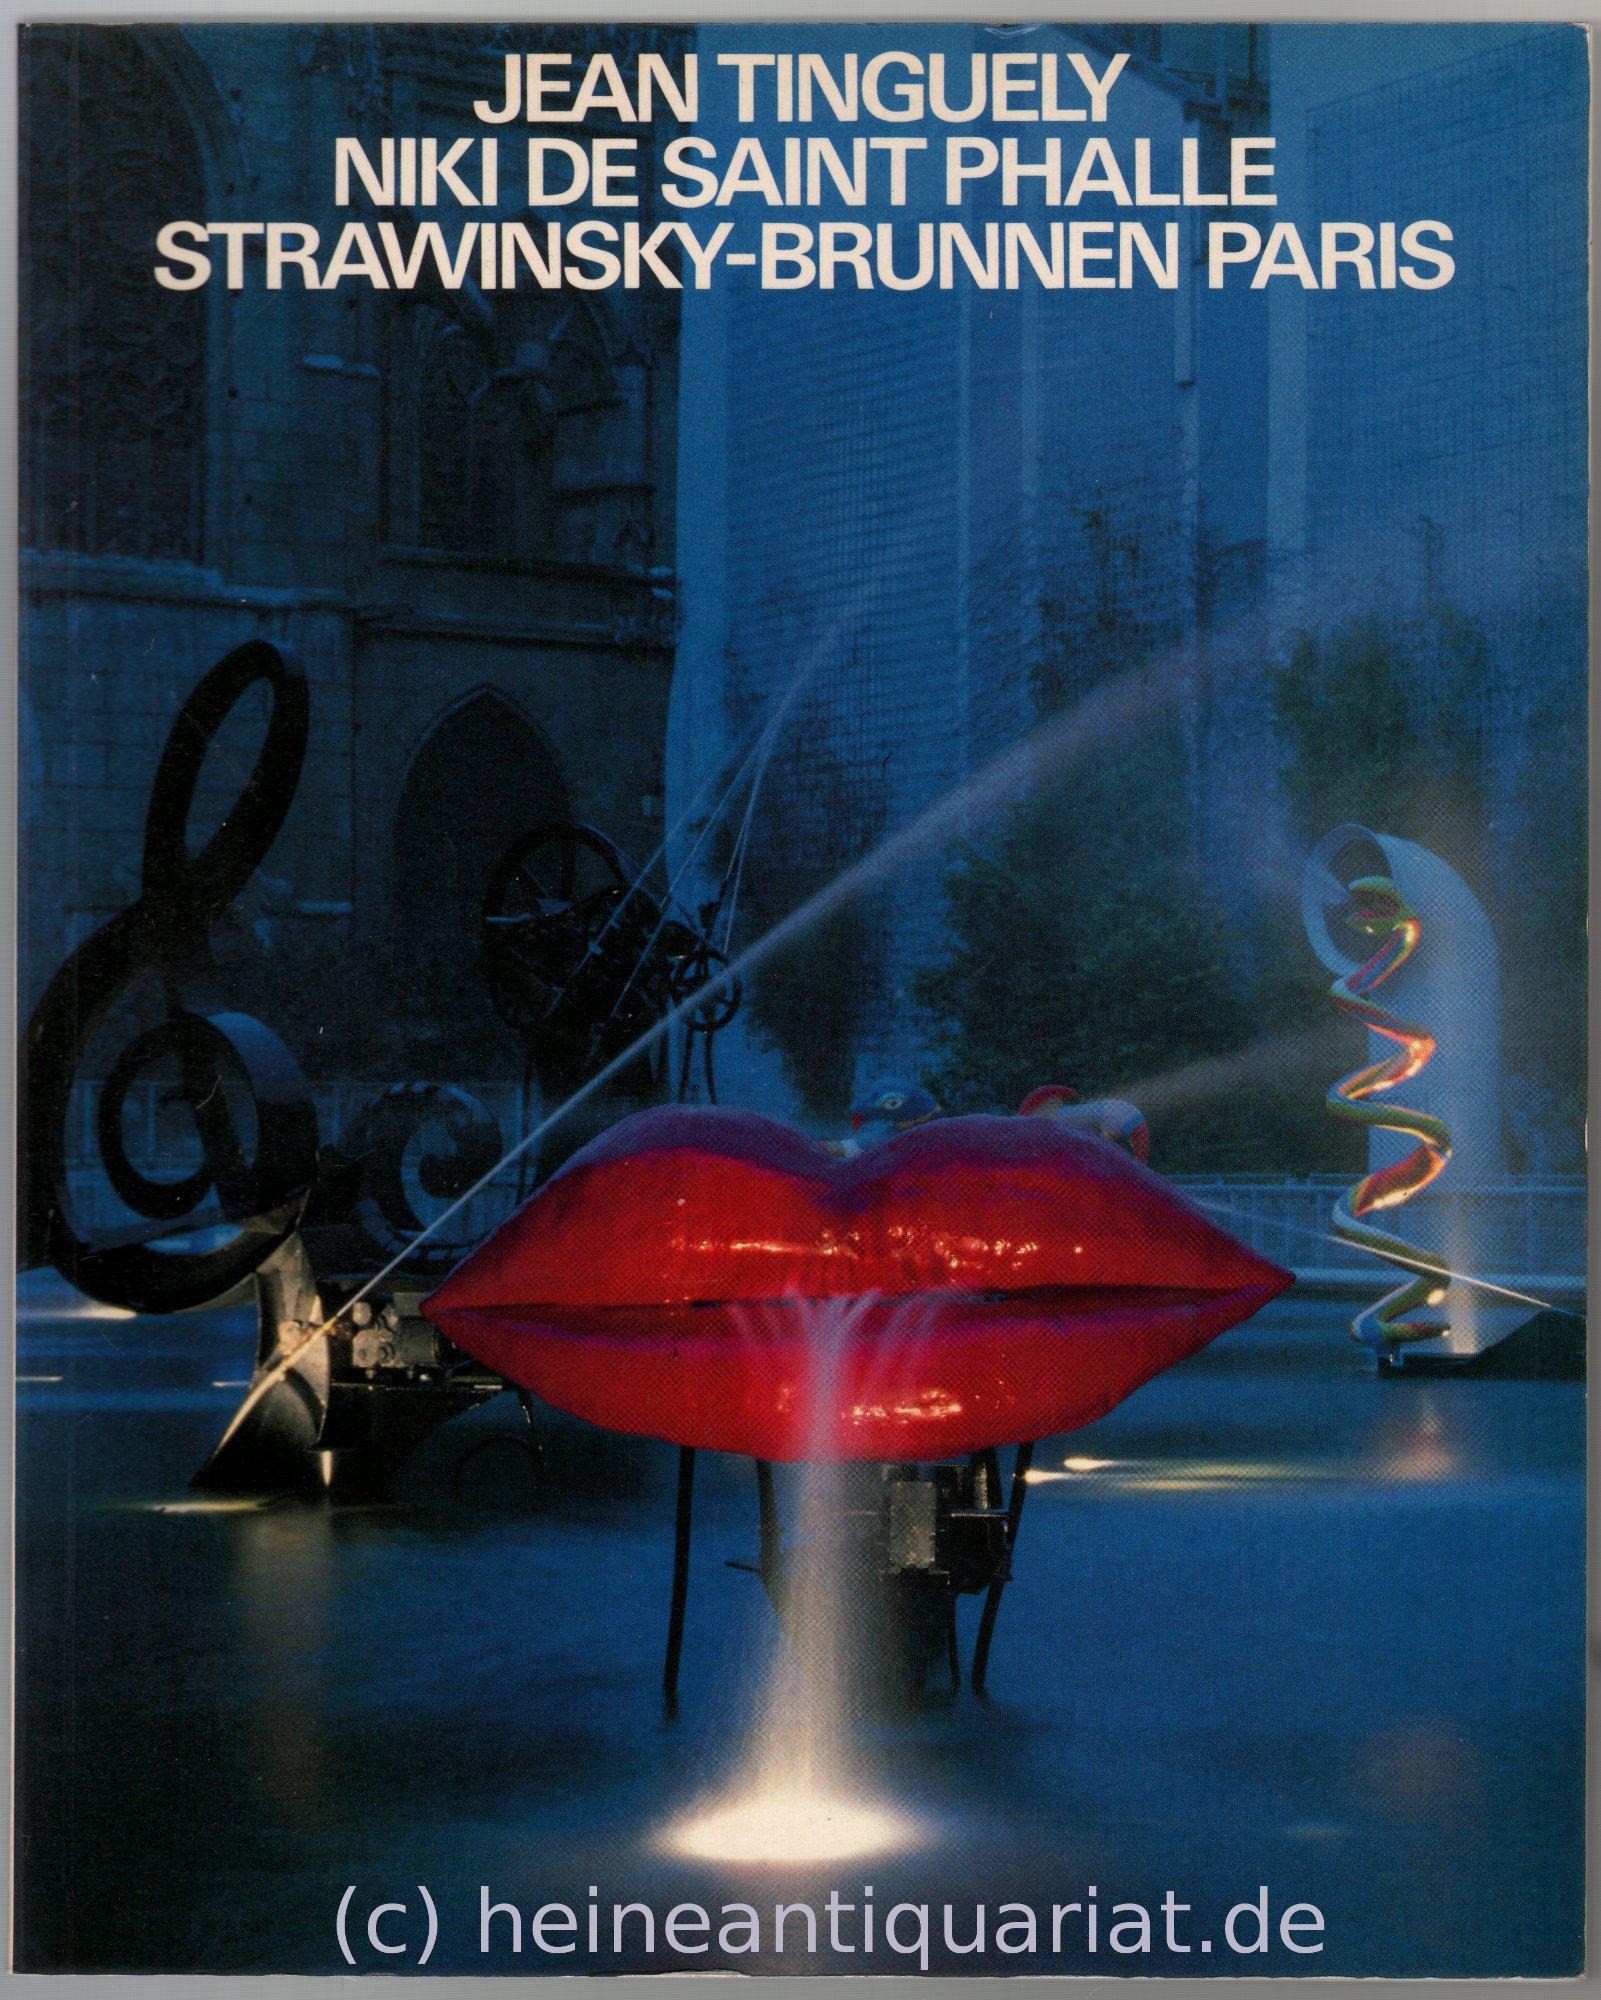 Strawinsky-Brunnen Paris. Texte von Pierre Boulez, Pontus Hulten, Franz Meyer, Stefanie Poley. Photos von Leonardo Bezzola.